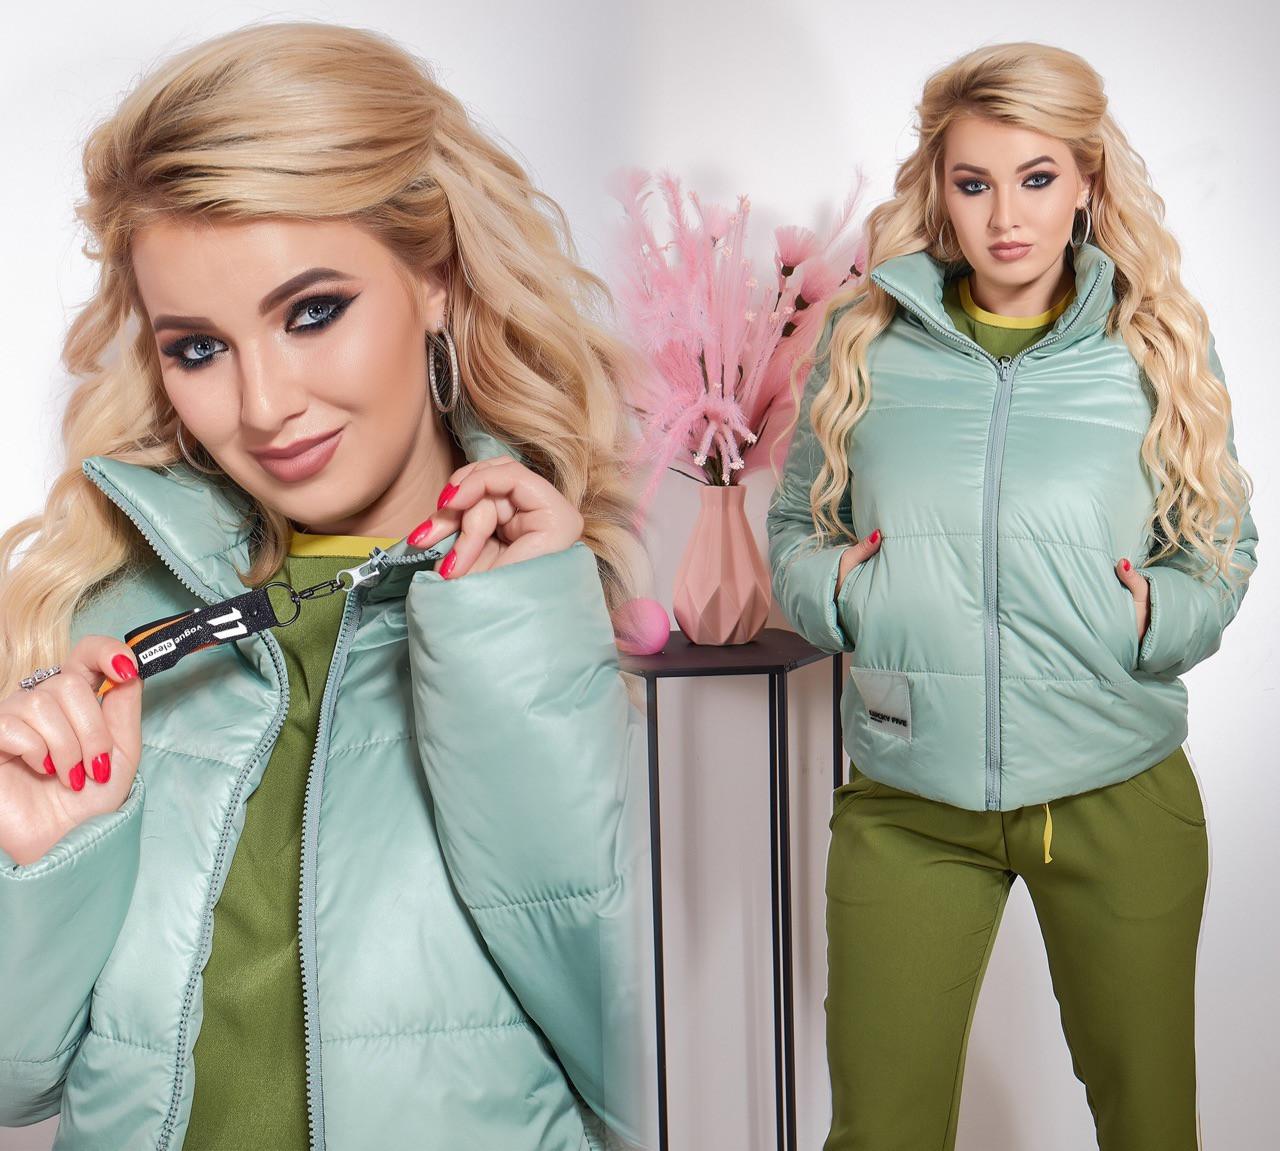 """Женская демисезонная куртка в больших размерах на синтепоне 1196 """"Плащёвка Стойка Шеврон"""" в расцветках"""